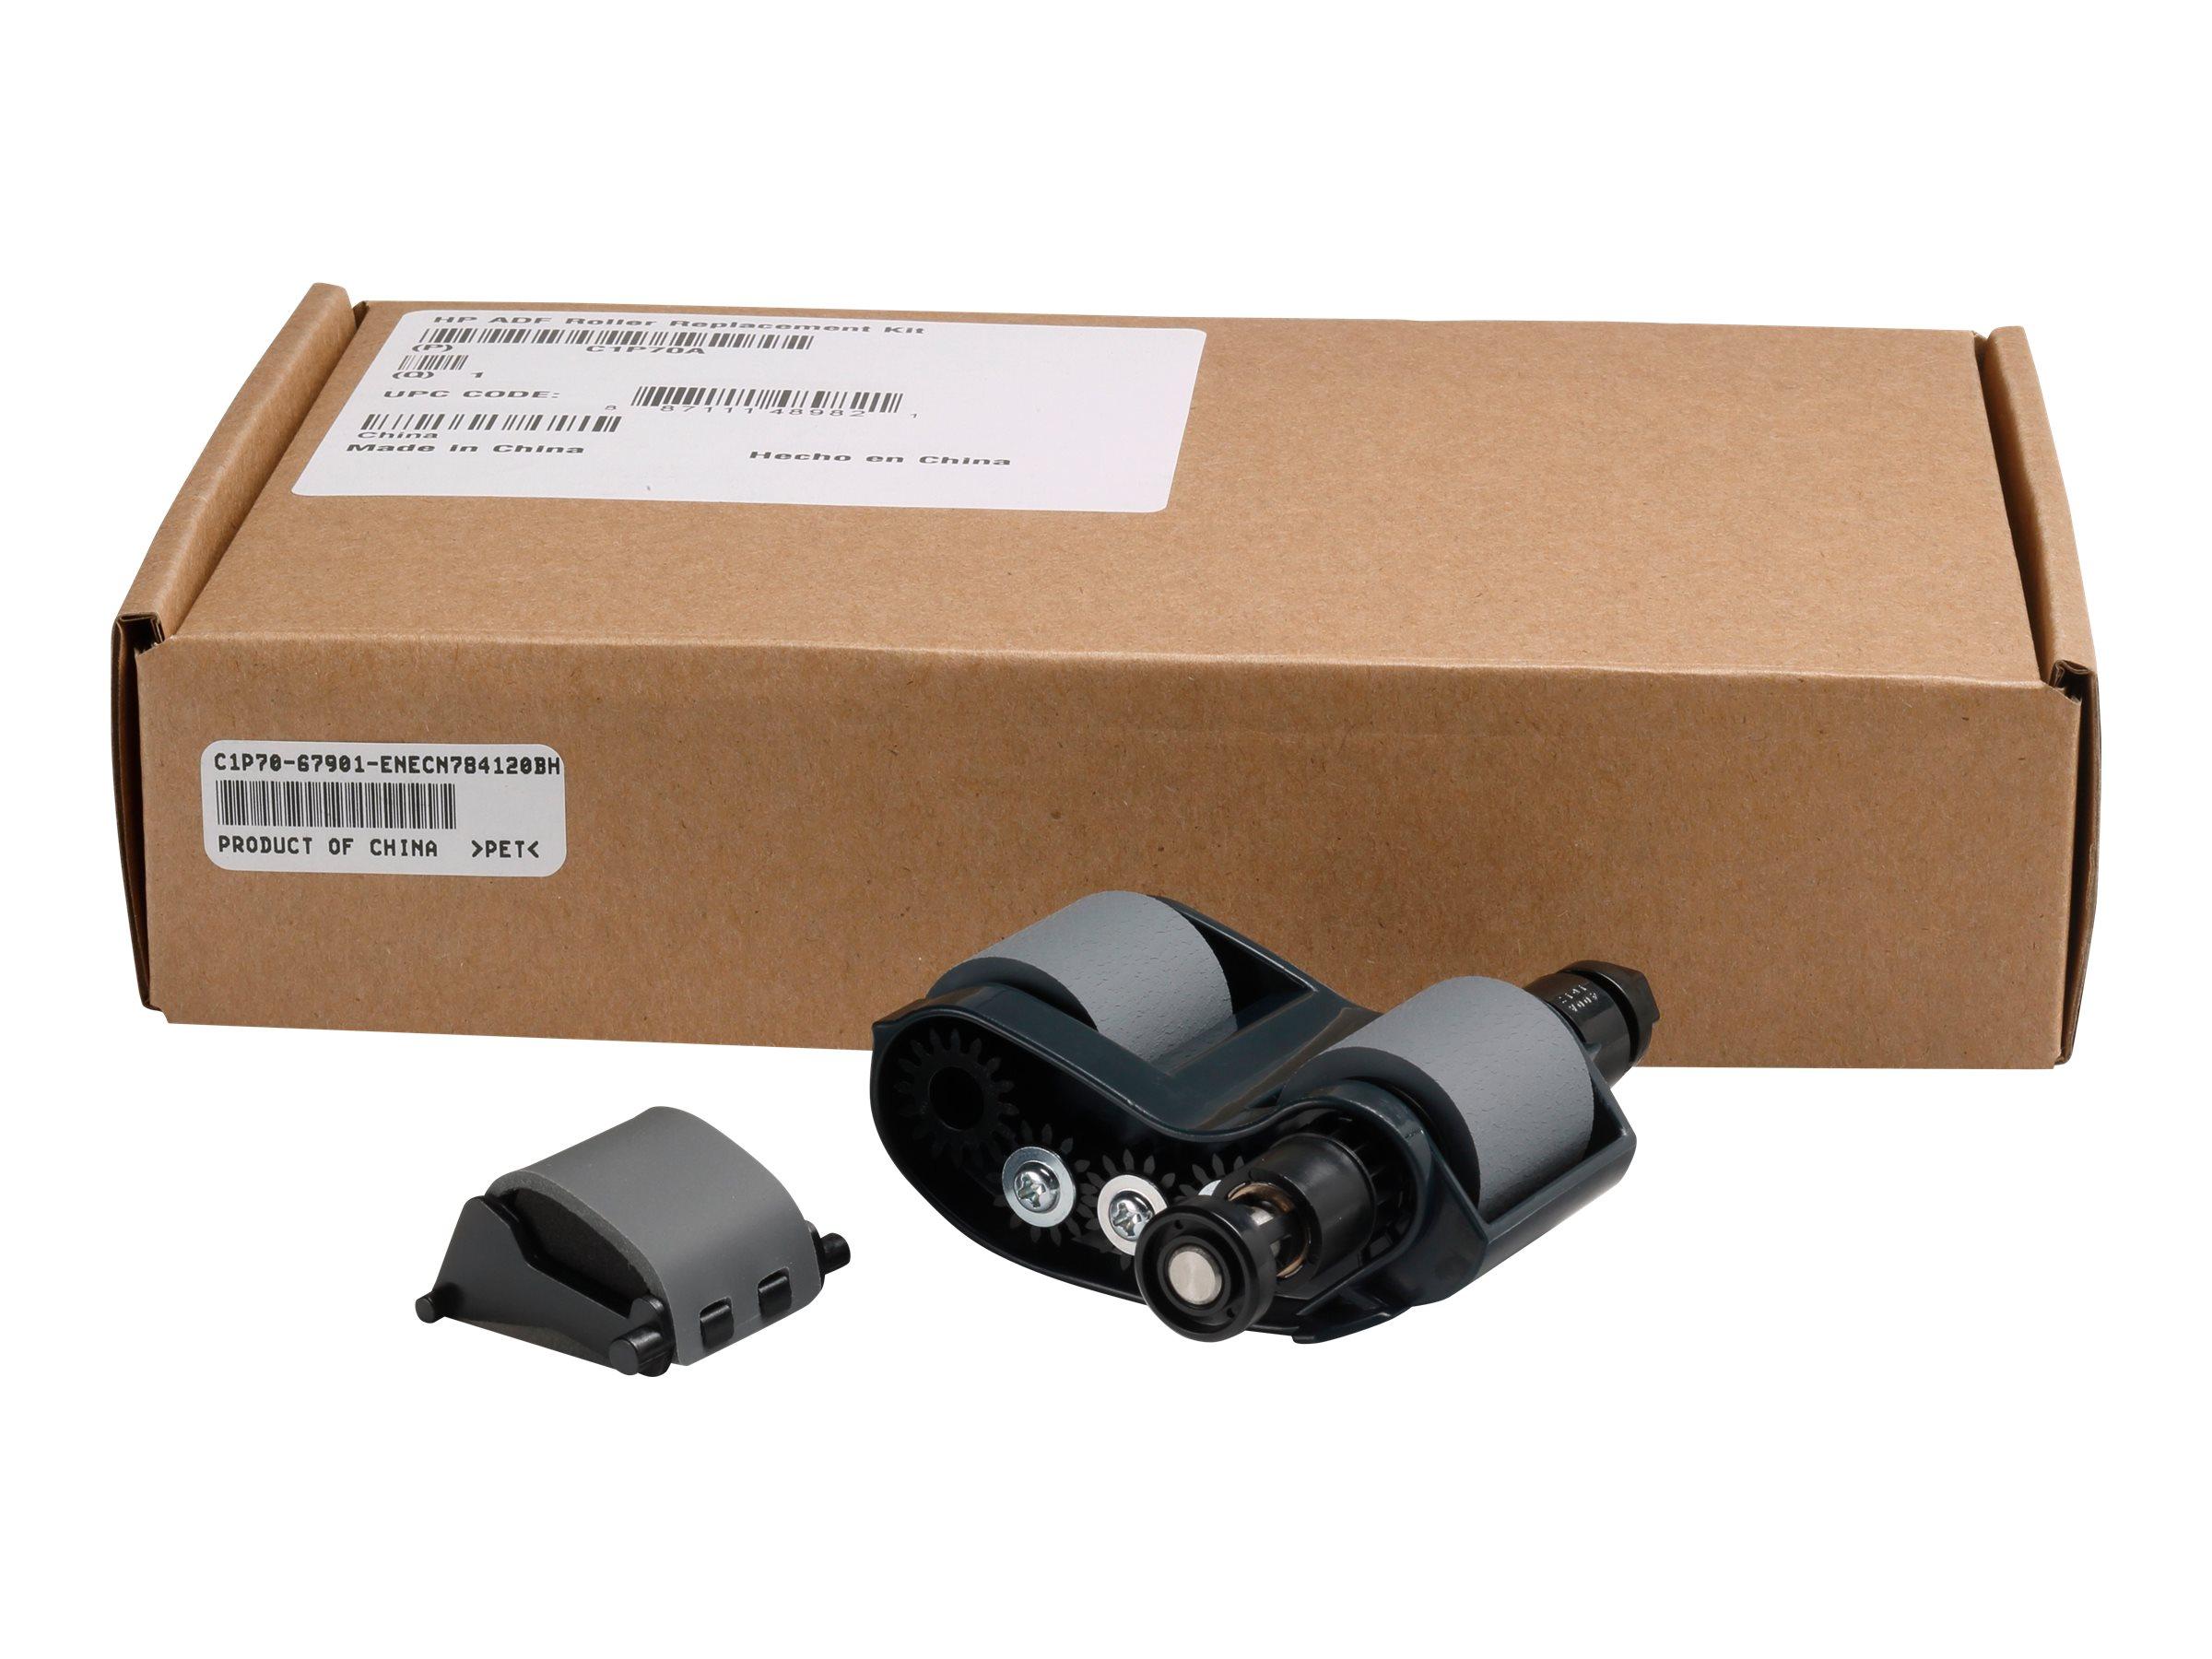 HP ADF Ersatz-Kit f. 100k Seiten f M880 Serie